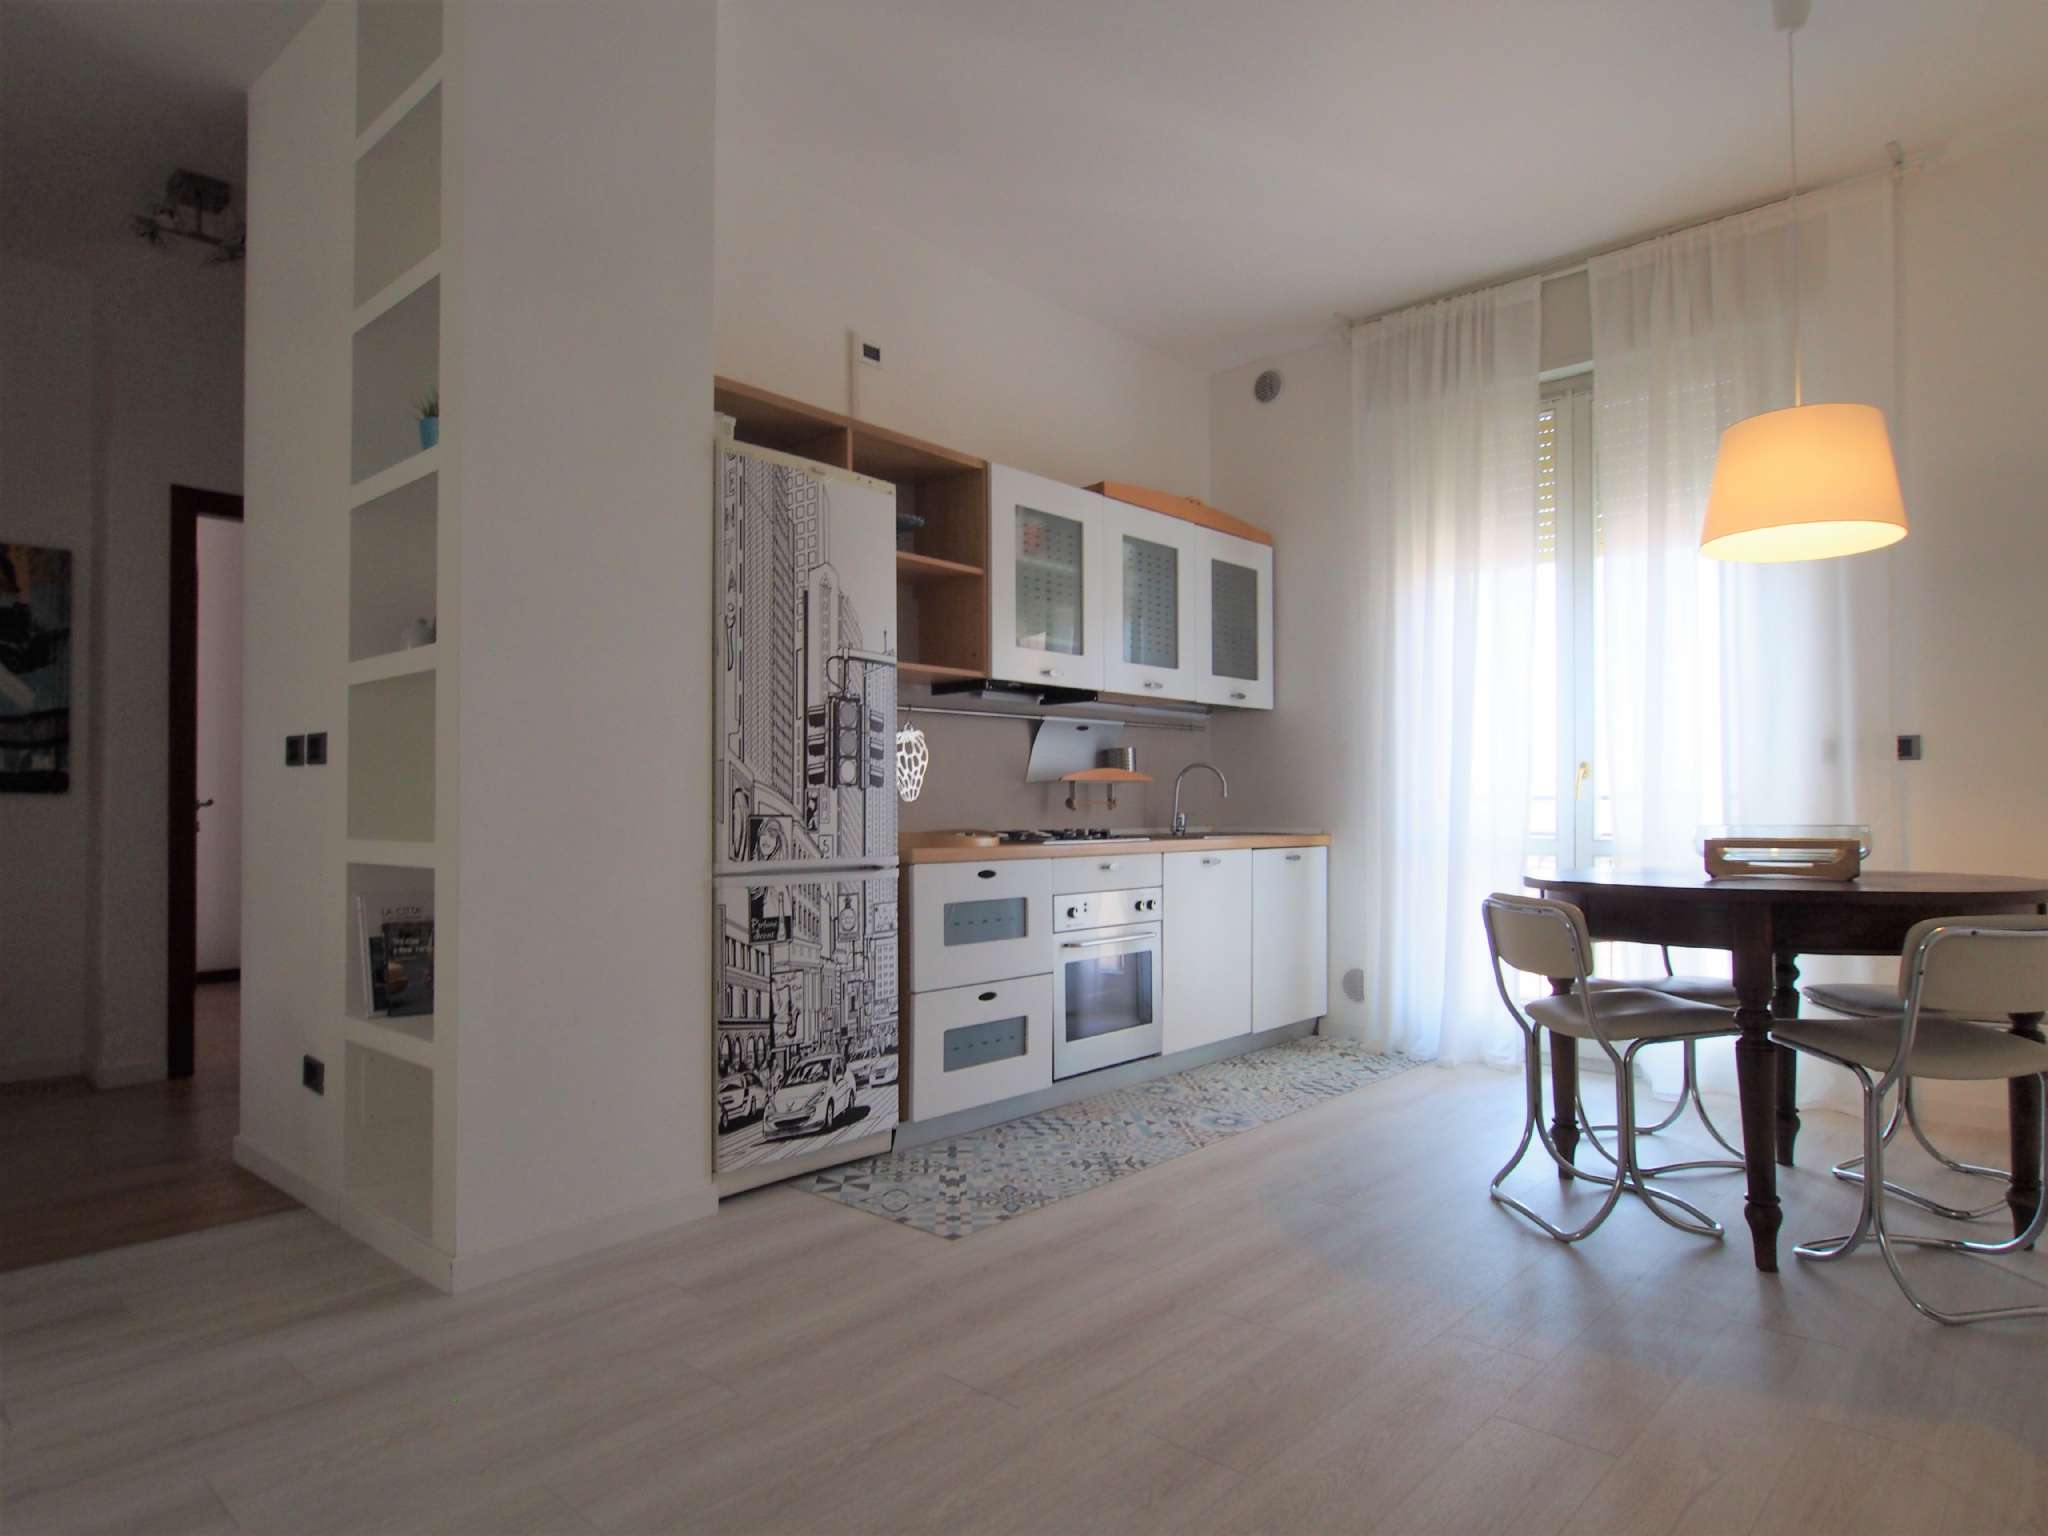 Foto 2 di Appartamento piazza Ferrari, Rimini